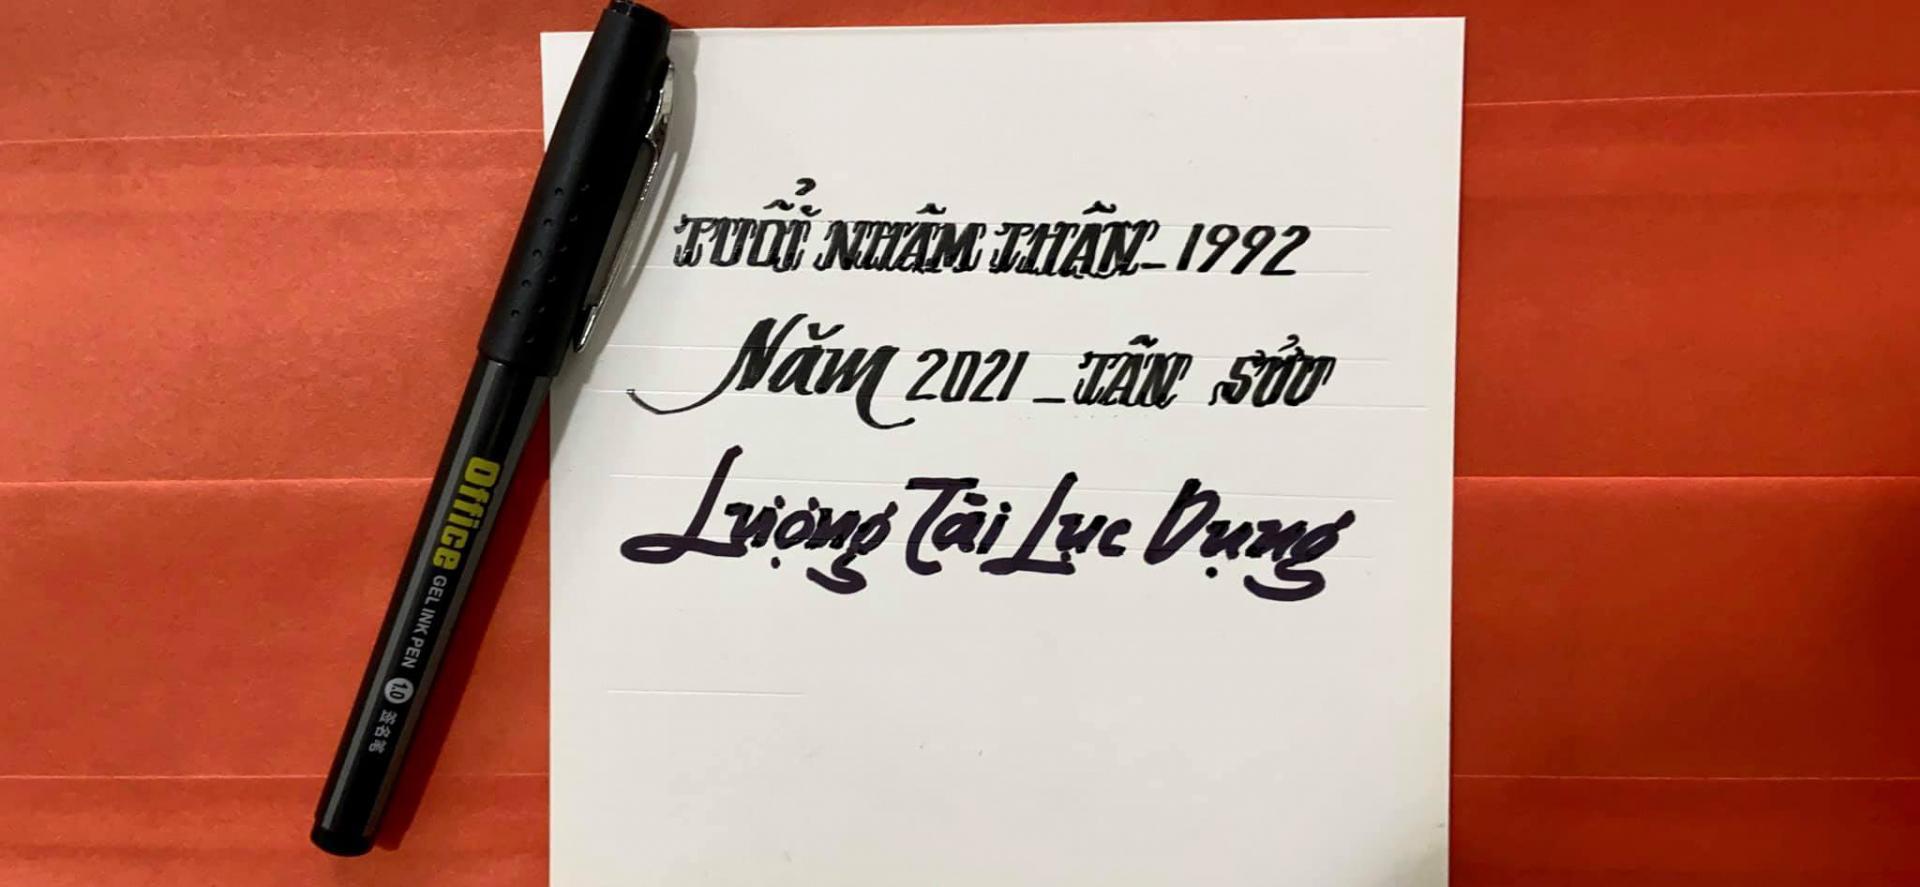 Nhâm Thân 1992 trong năm 2021 - Lượng Tài Lục Dụng